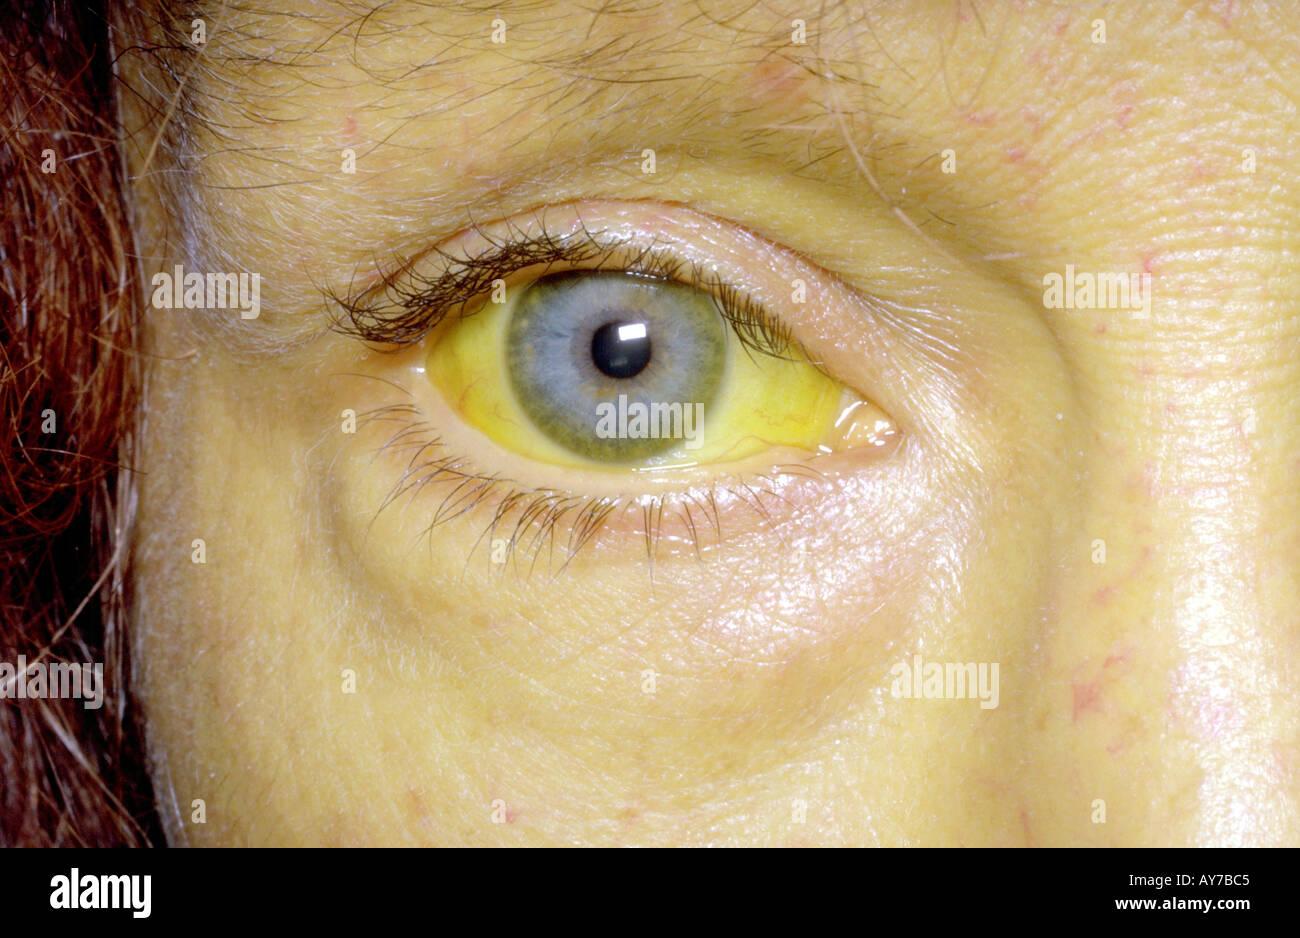 Jaundice alcoholic liver disease Stock Photo: 1801156 - Alamy  Jaundice alcoho...